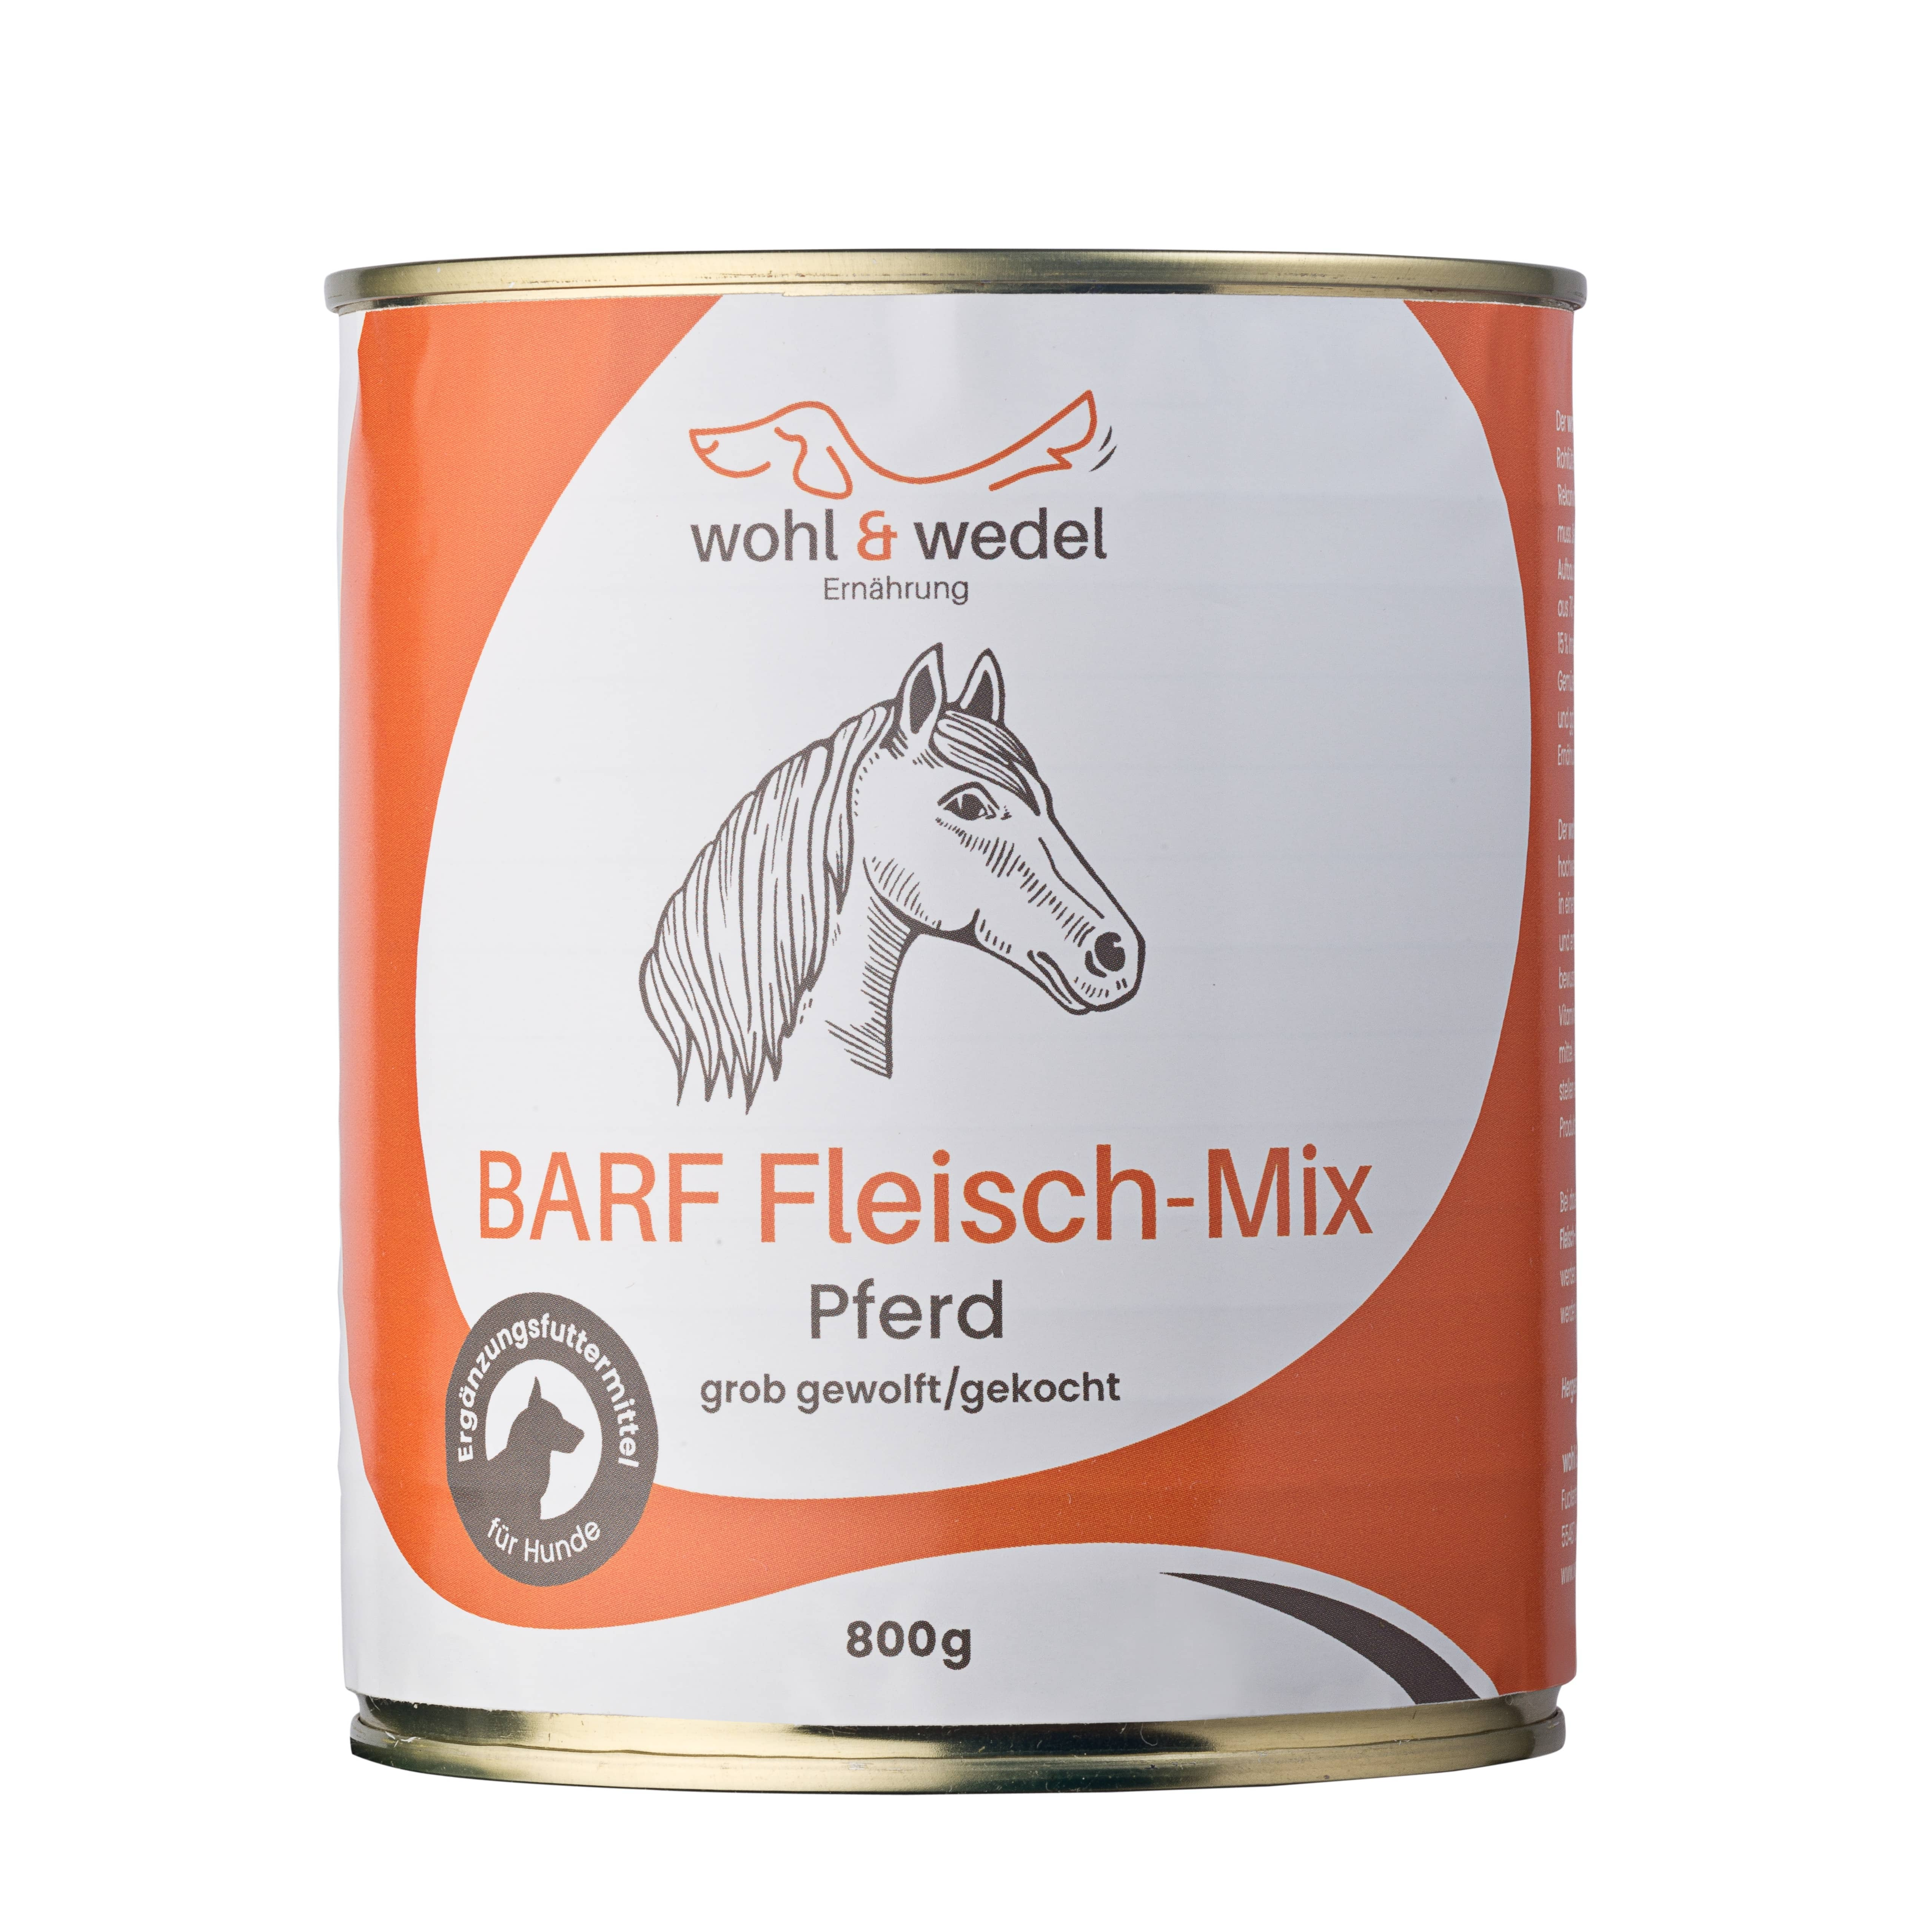 12 x wohl & wedel BARF Fleisch-Mix Pferd 800 g